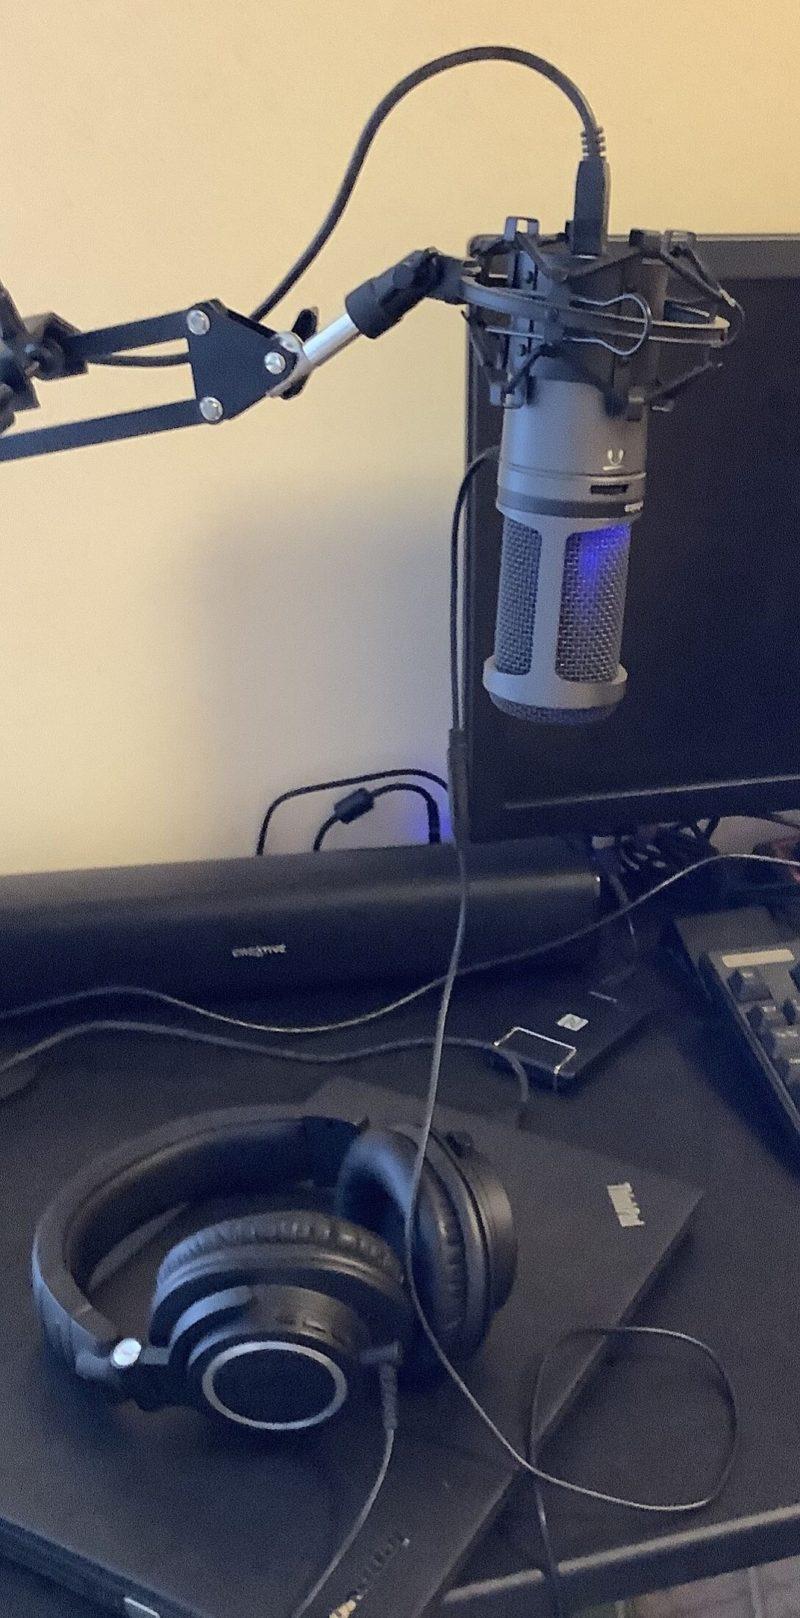 audio-technica AT2020USB+とaudio-technica ワイヤレス ヘッドホン ATH-M50xBTを接続した写真